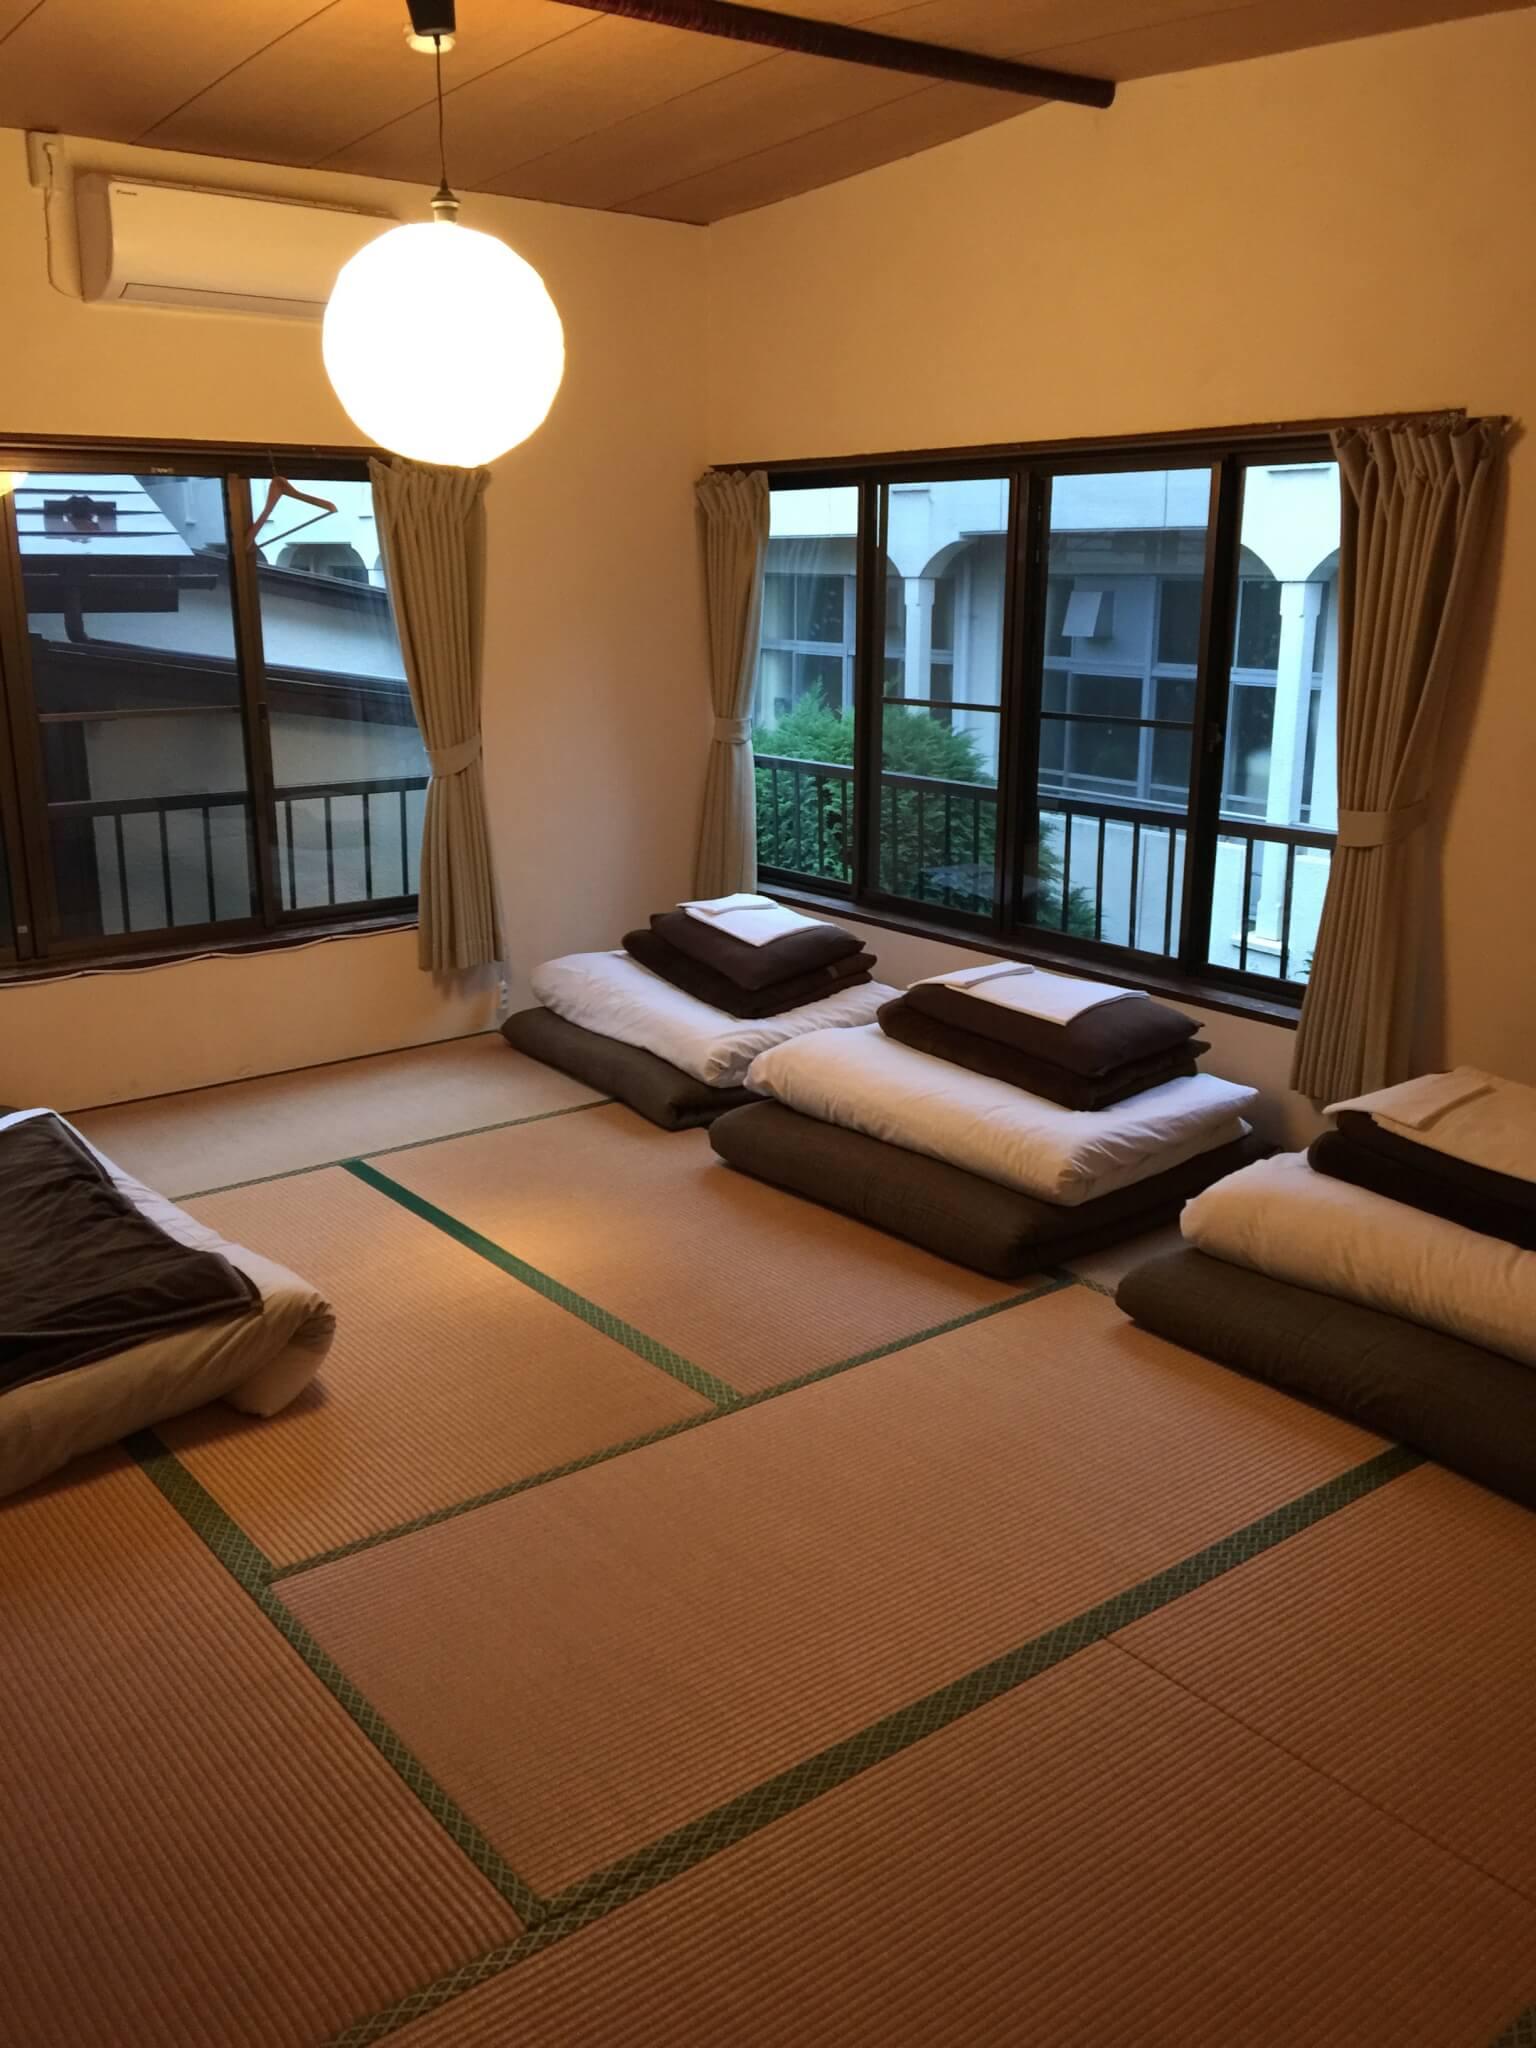 箱根テント(Hakone TENT)さんのドミトリー